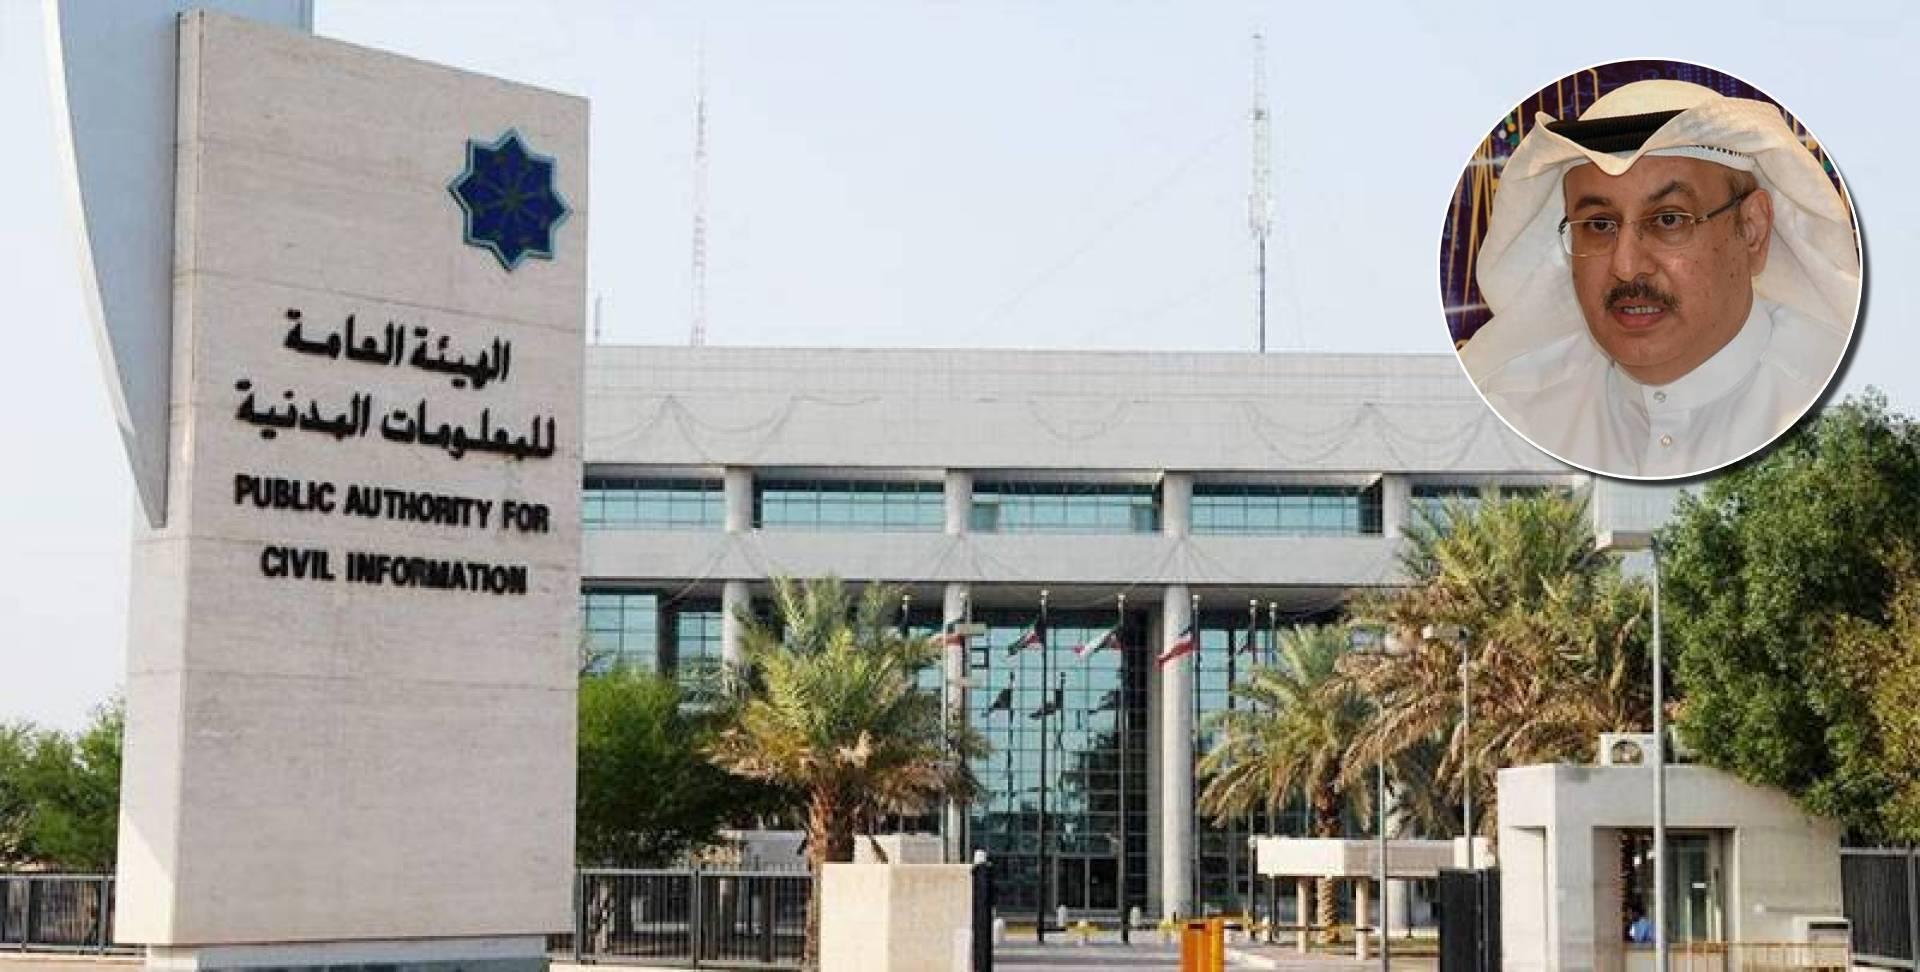 هيئة المعلومات المدنية تحدد مواعيد العمل خلال فترة الحظر الجزئي